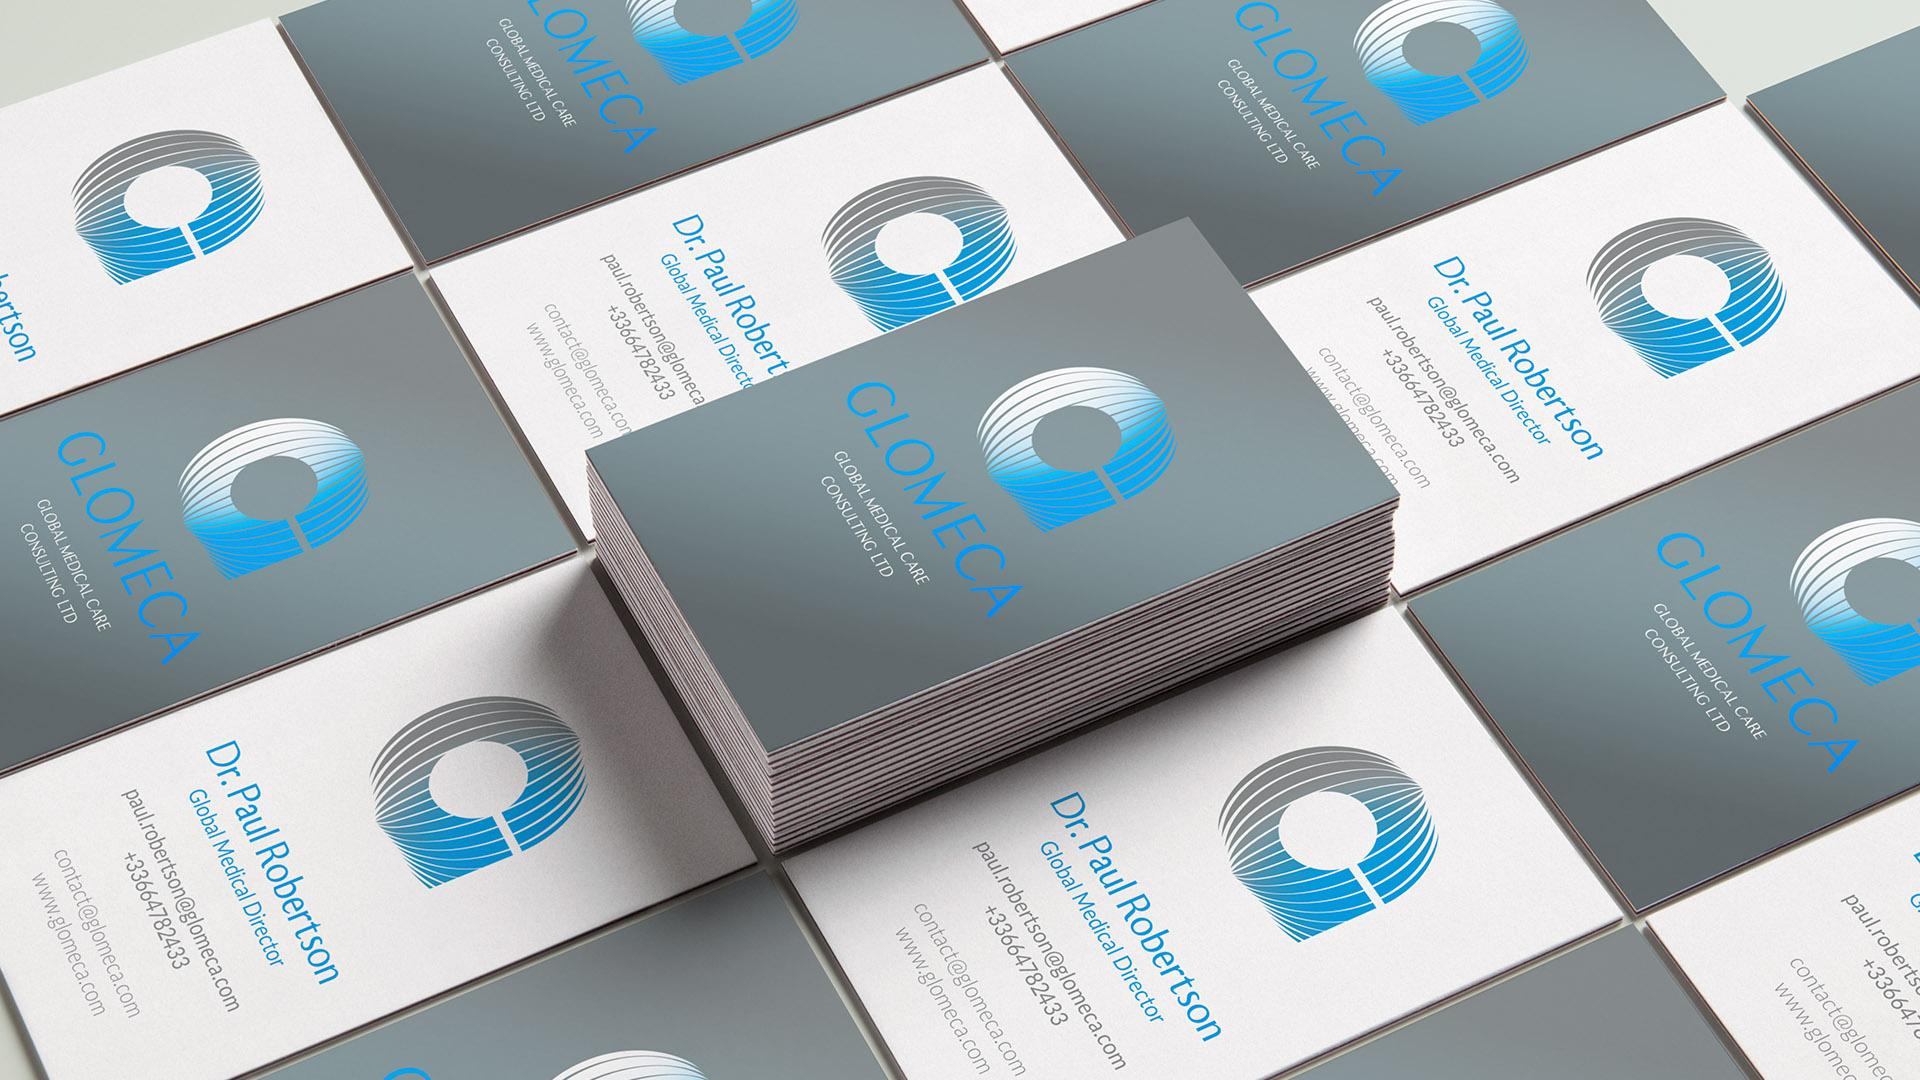 Glomeca refonte de l'identité visuelle : logotype & charte graphique business card édition direction artistique & design graphique pommeC pommeV Christophe Andrusin